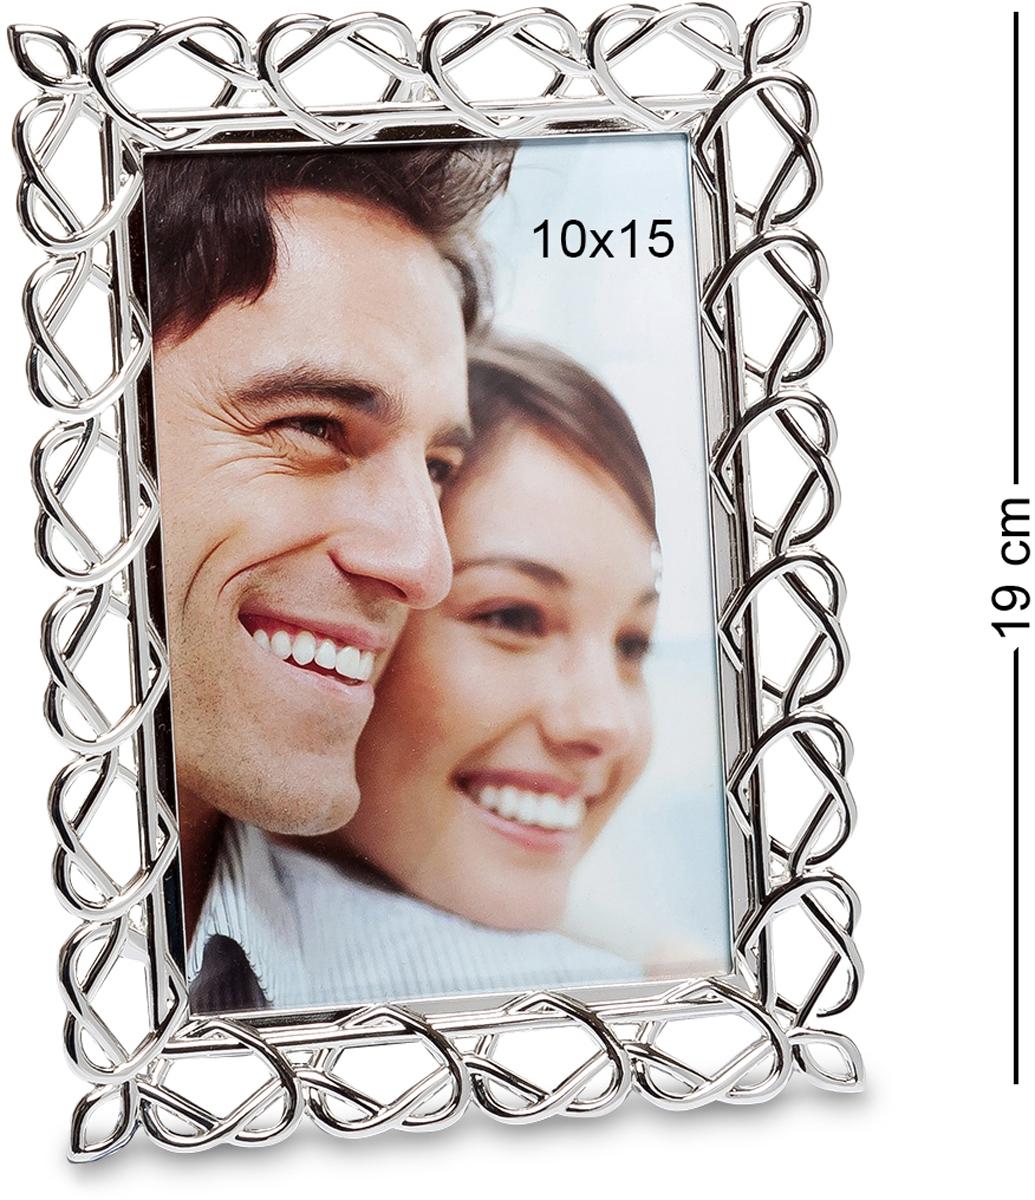 Фоторамка Bellezza Casa Сердечные воспоминания, фото 10х15. CHK-043CHK-043Фоторамка для фотографий 10х15 см Воспоминания составляют неотъемлемую часть нашей жизни, и у каждой счастливой пары, за годы, накапливается множество милых и веселых семейных снимков, которые грех держать в альбомах на полках. Поставьте лучшие фото в рамки, и пускай ваши гости и близкие увидят, насколько хорошо вам живется вместе. Заметьте, что в таком обрамлении как фоторамка Сердечные воспоминания нежные совместные снимки будут выглядеть особенно выигрышно. Всмотритесь в тонкое изящное сплетение керамических сердец, которые соединяются в оригинальном орнаменте, подчеркивая легкость и силу вашей любви. А приятный благородный серебряный цвет делает фоторамку универсальным дополнением к любому интерьеру.